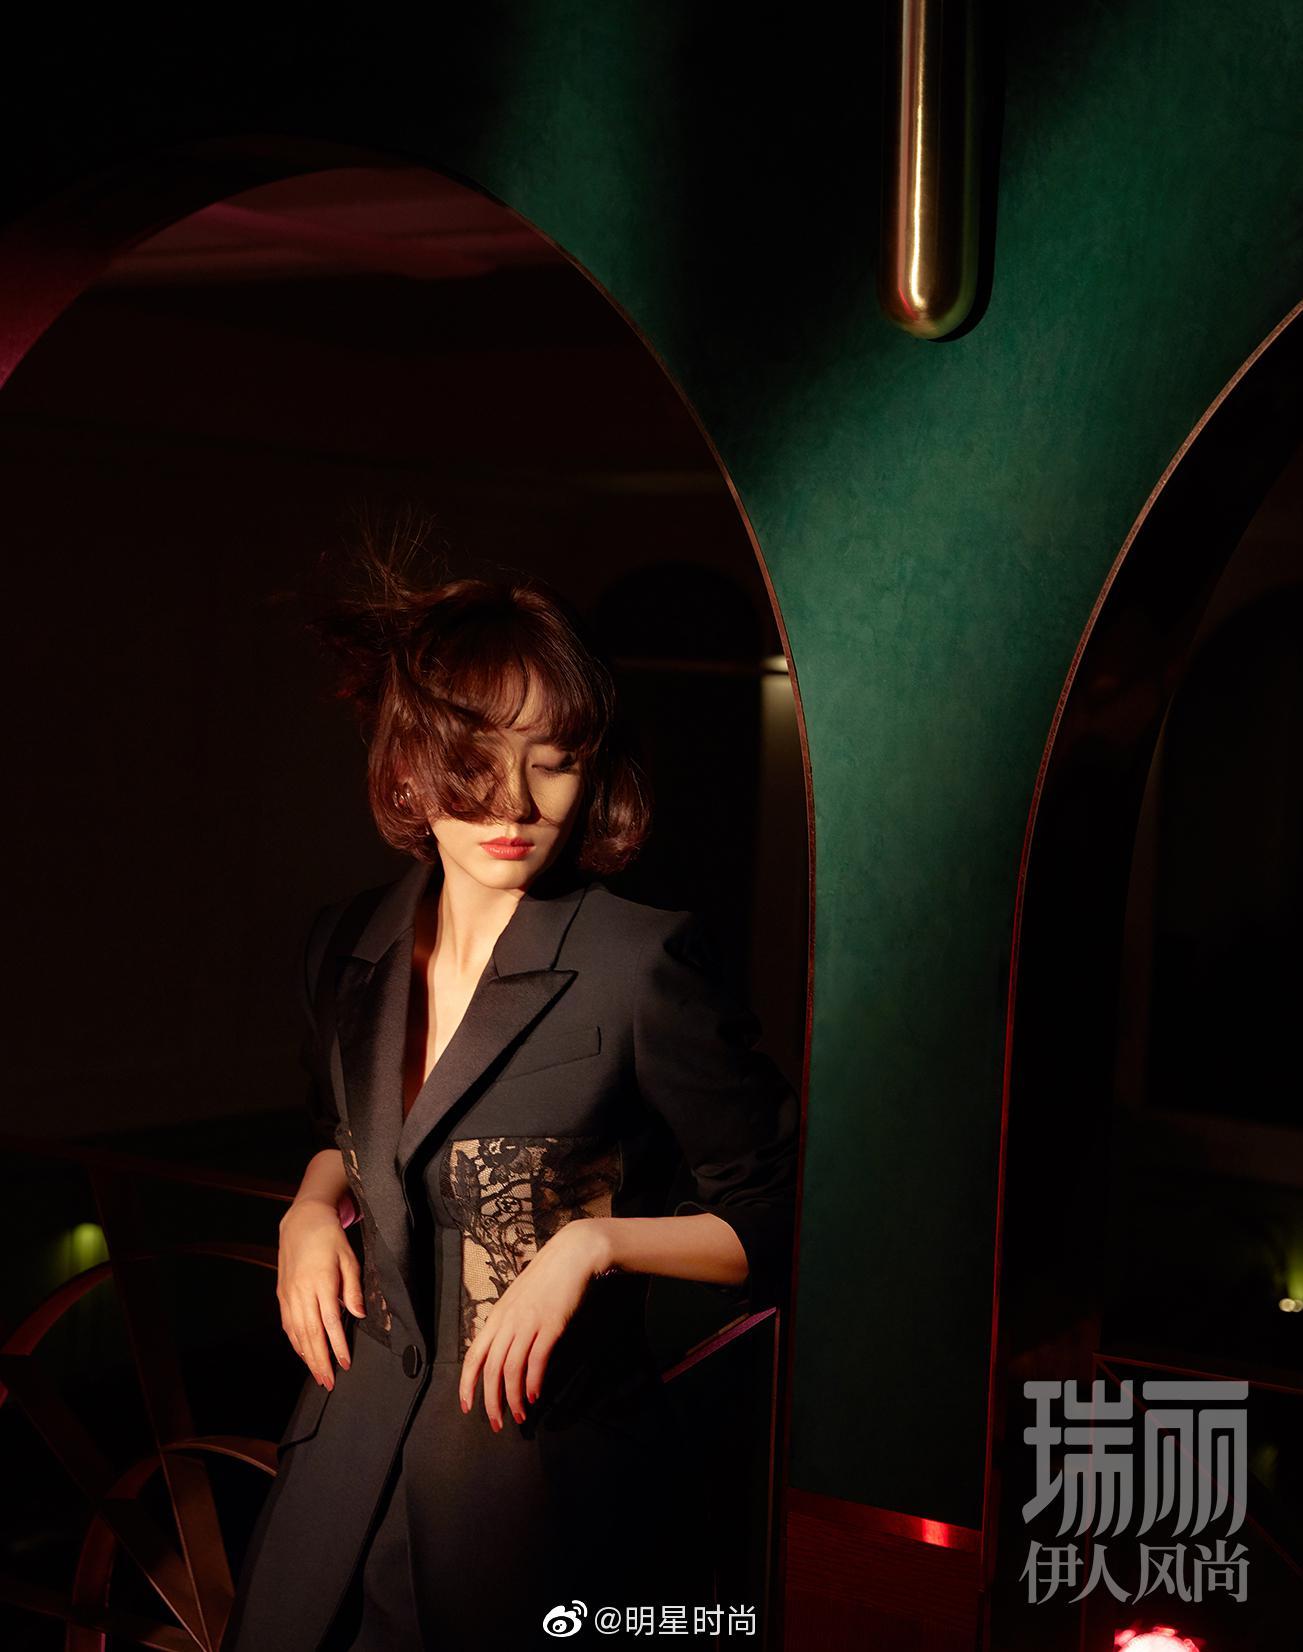 佟丽娅 X《瑞丽伊人风尚》7月刊